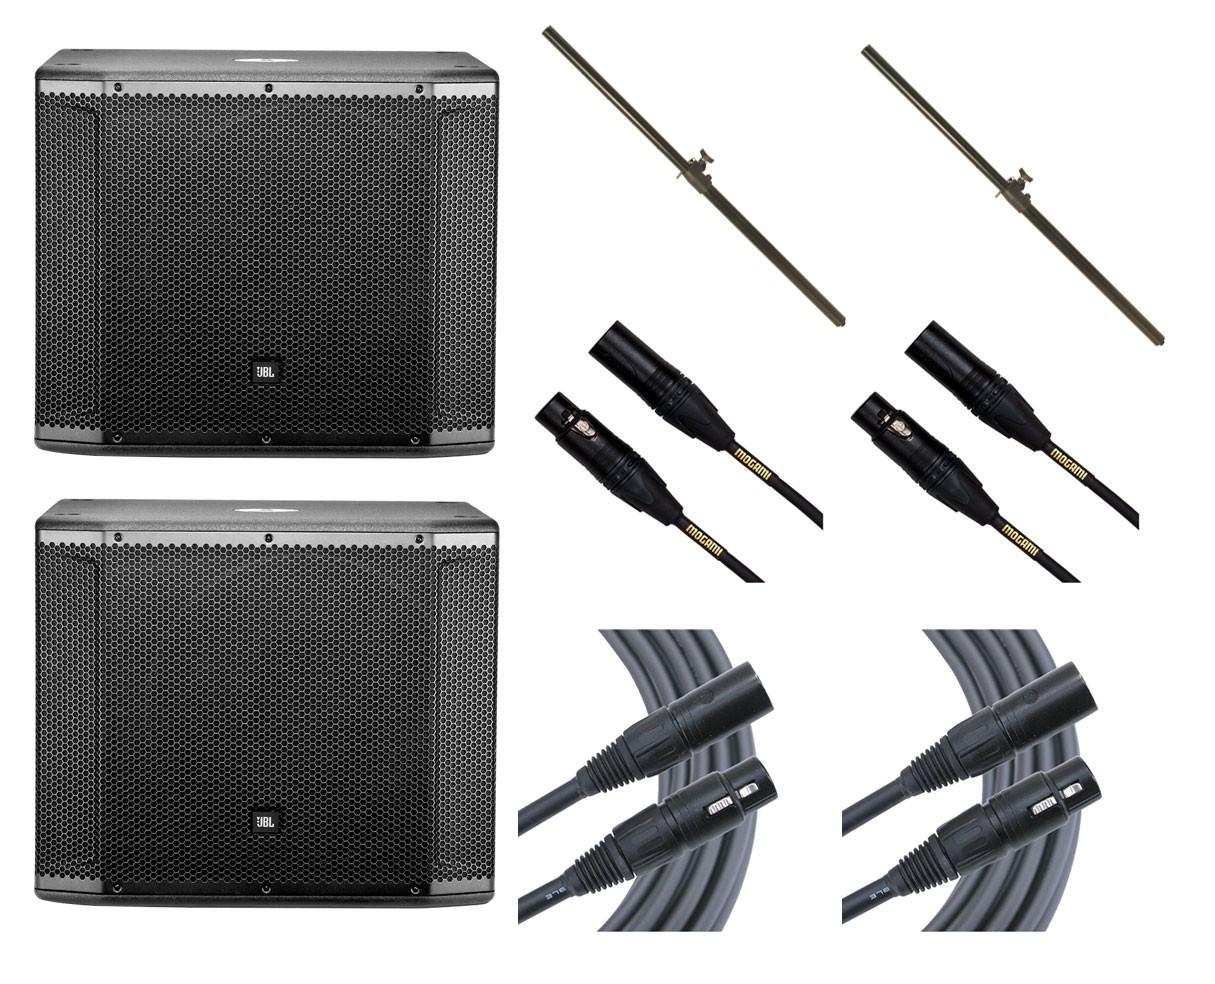 2x JBL SRX818SP + Poles + Mogami Cables